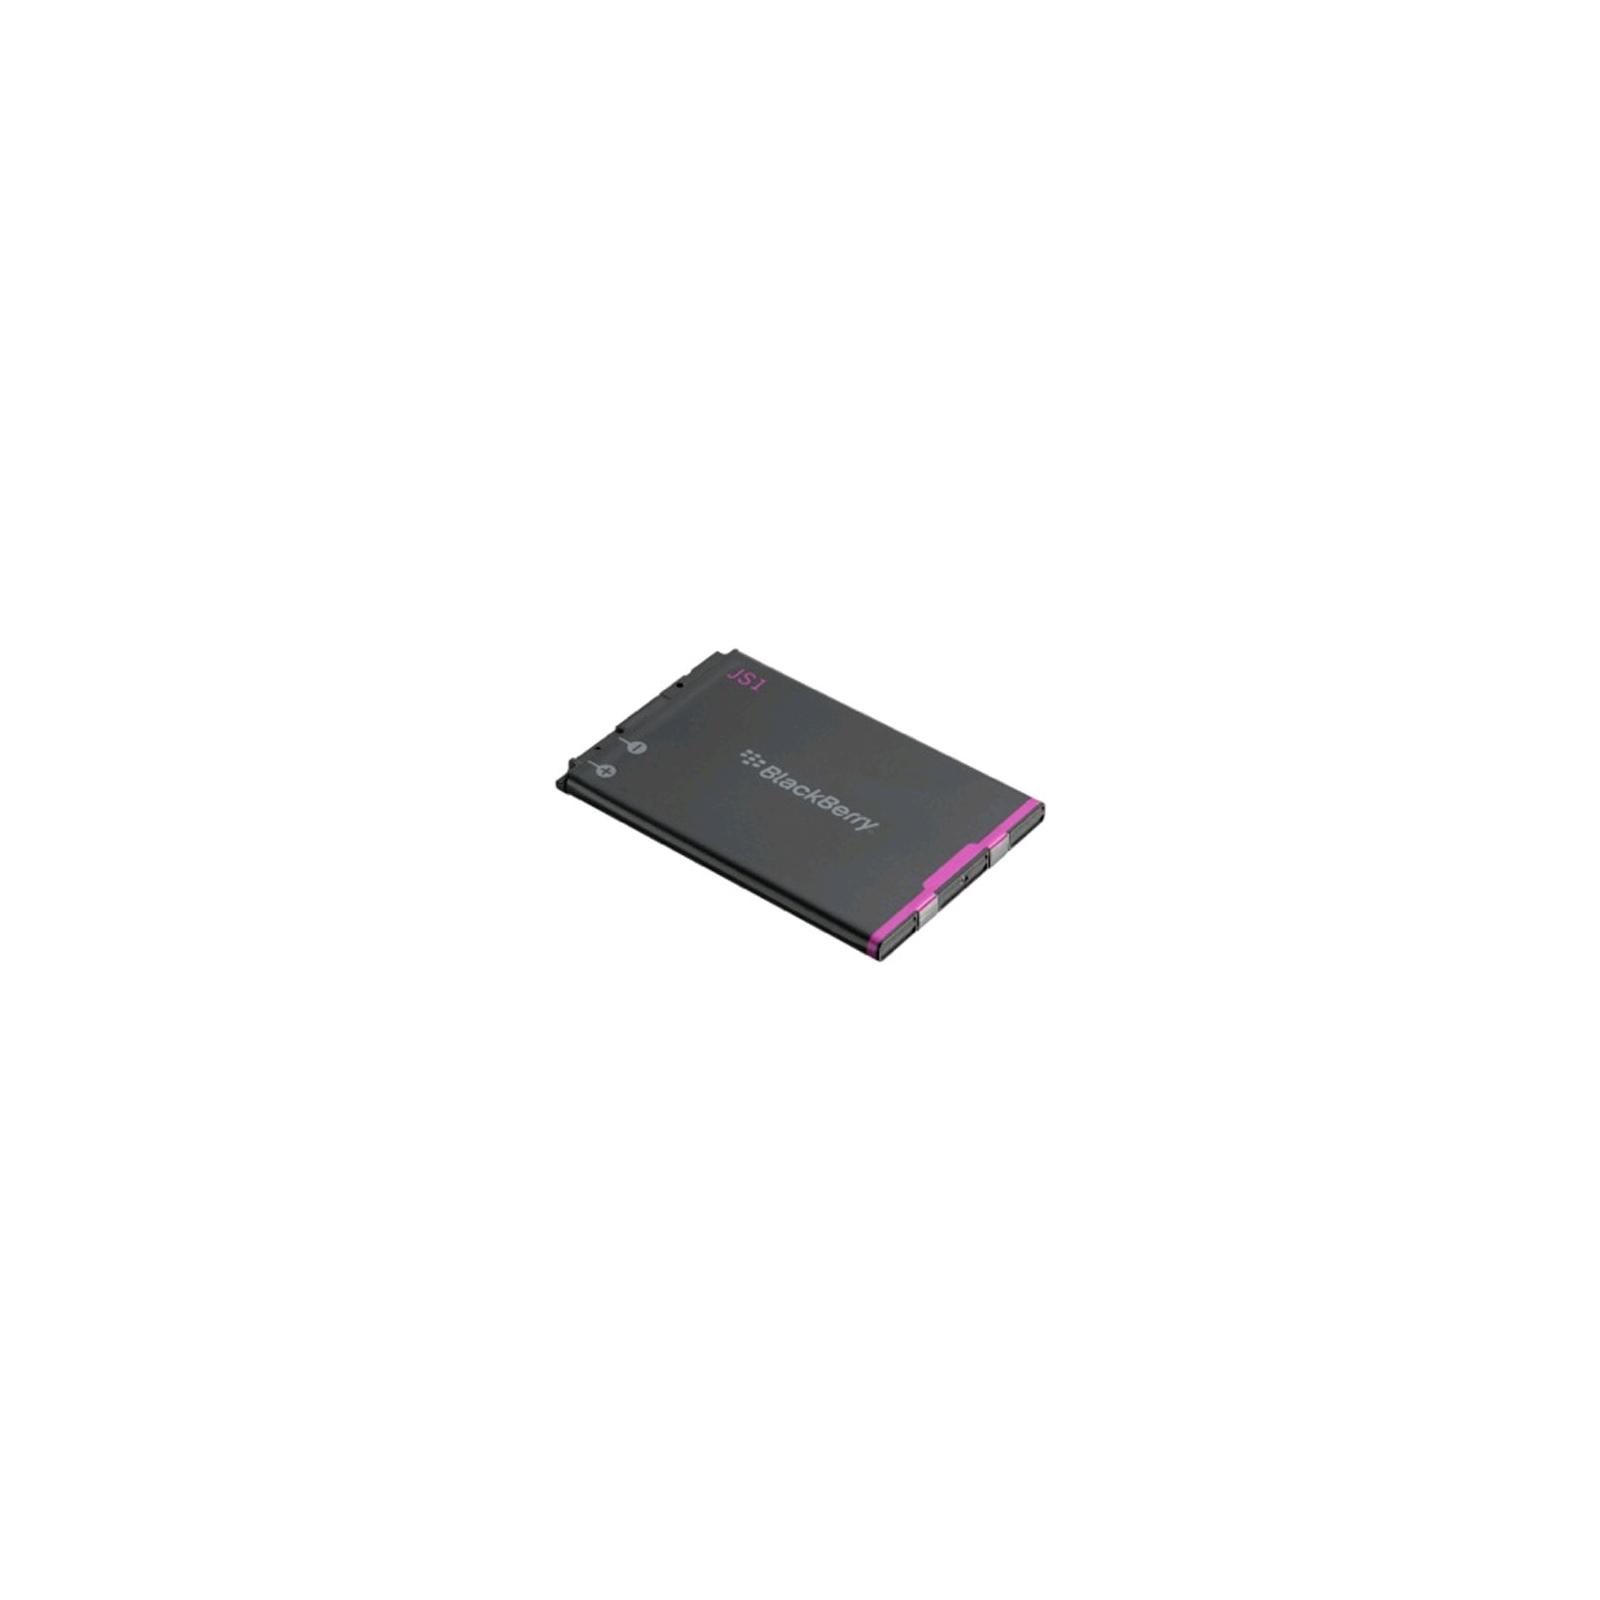 Аккумуляторная батарея PowerPlant Blackberry J-S1 (9320, 9220) (DV00DV6172)